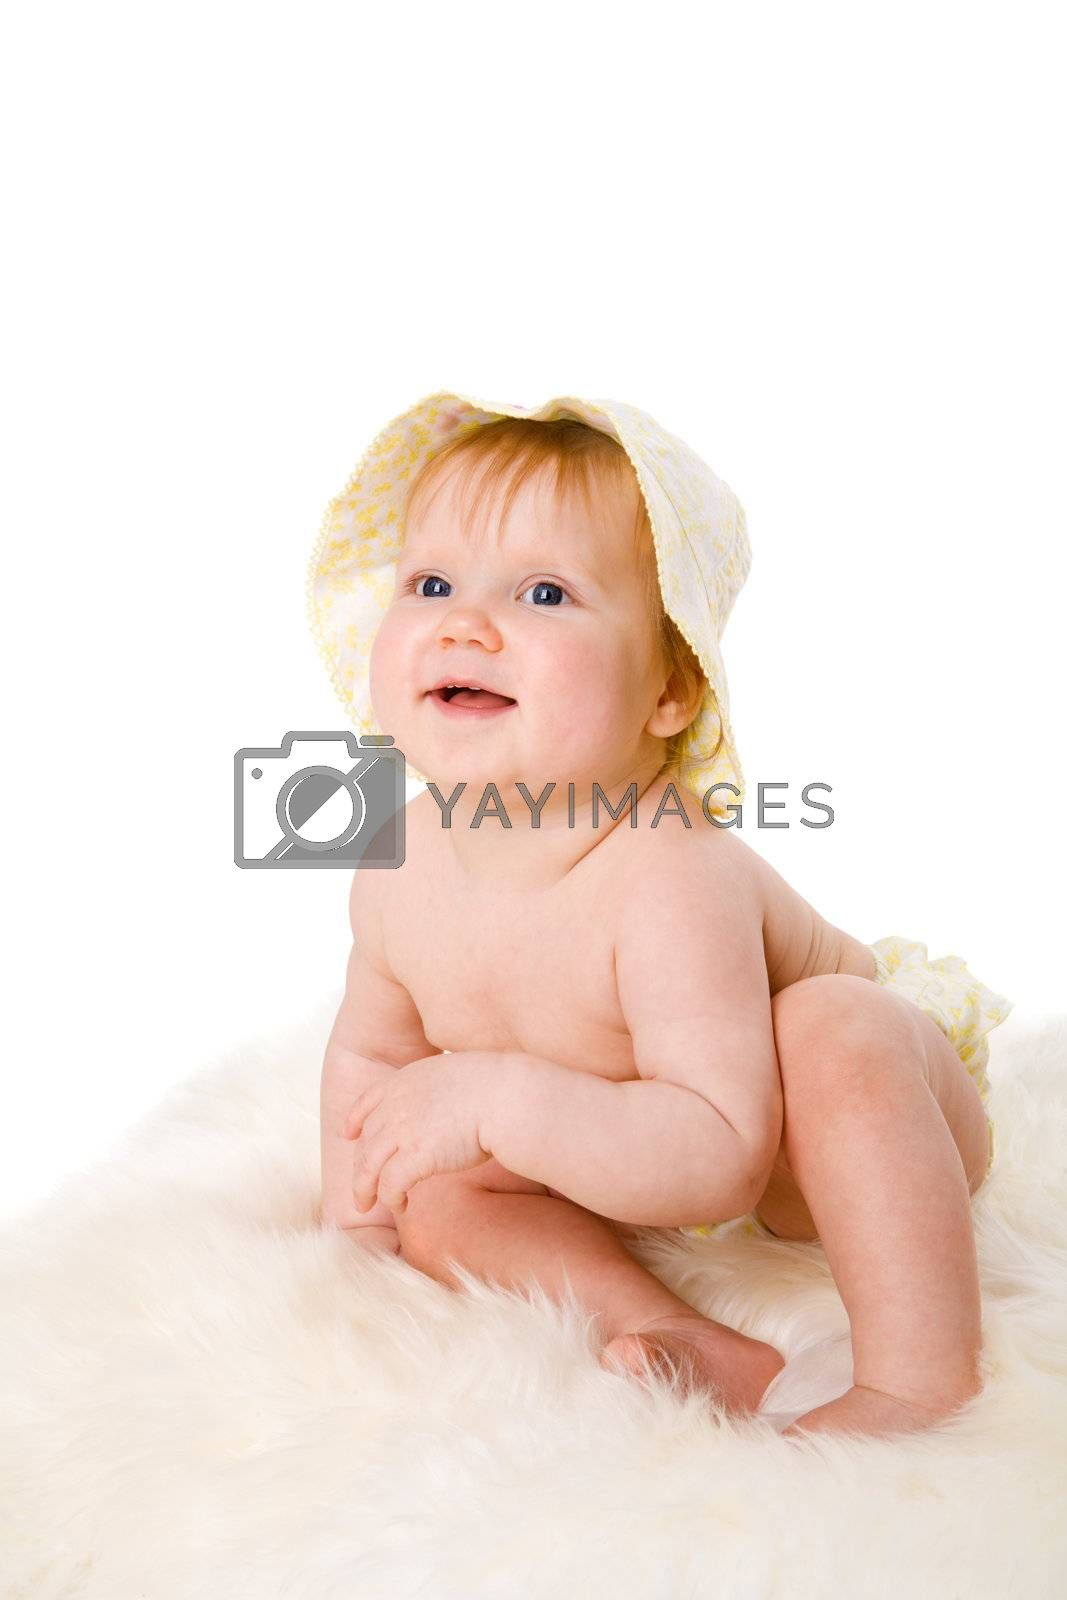 Baby sitting on fur floor wanna looking cheerful isolated